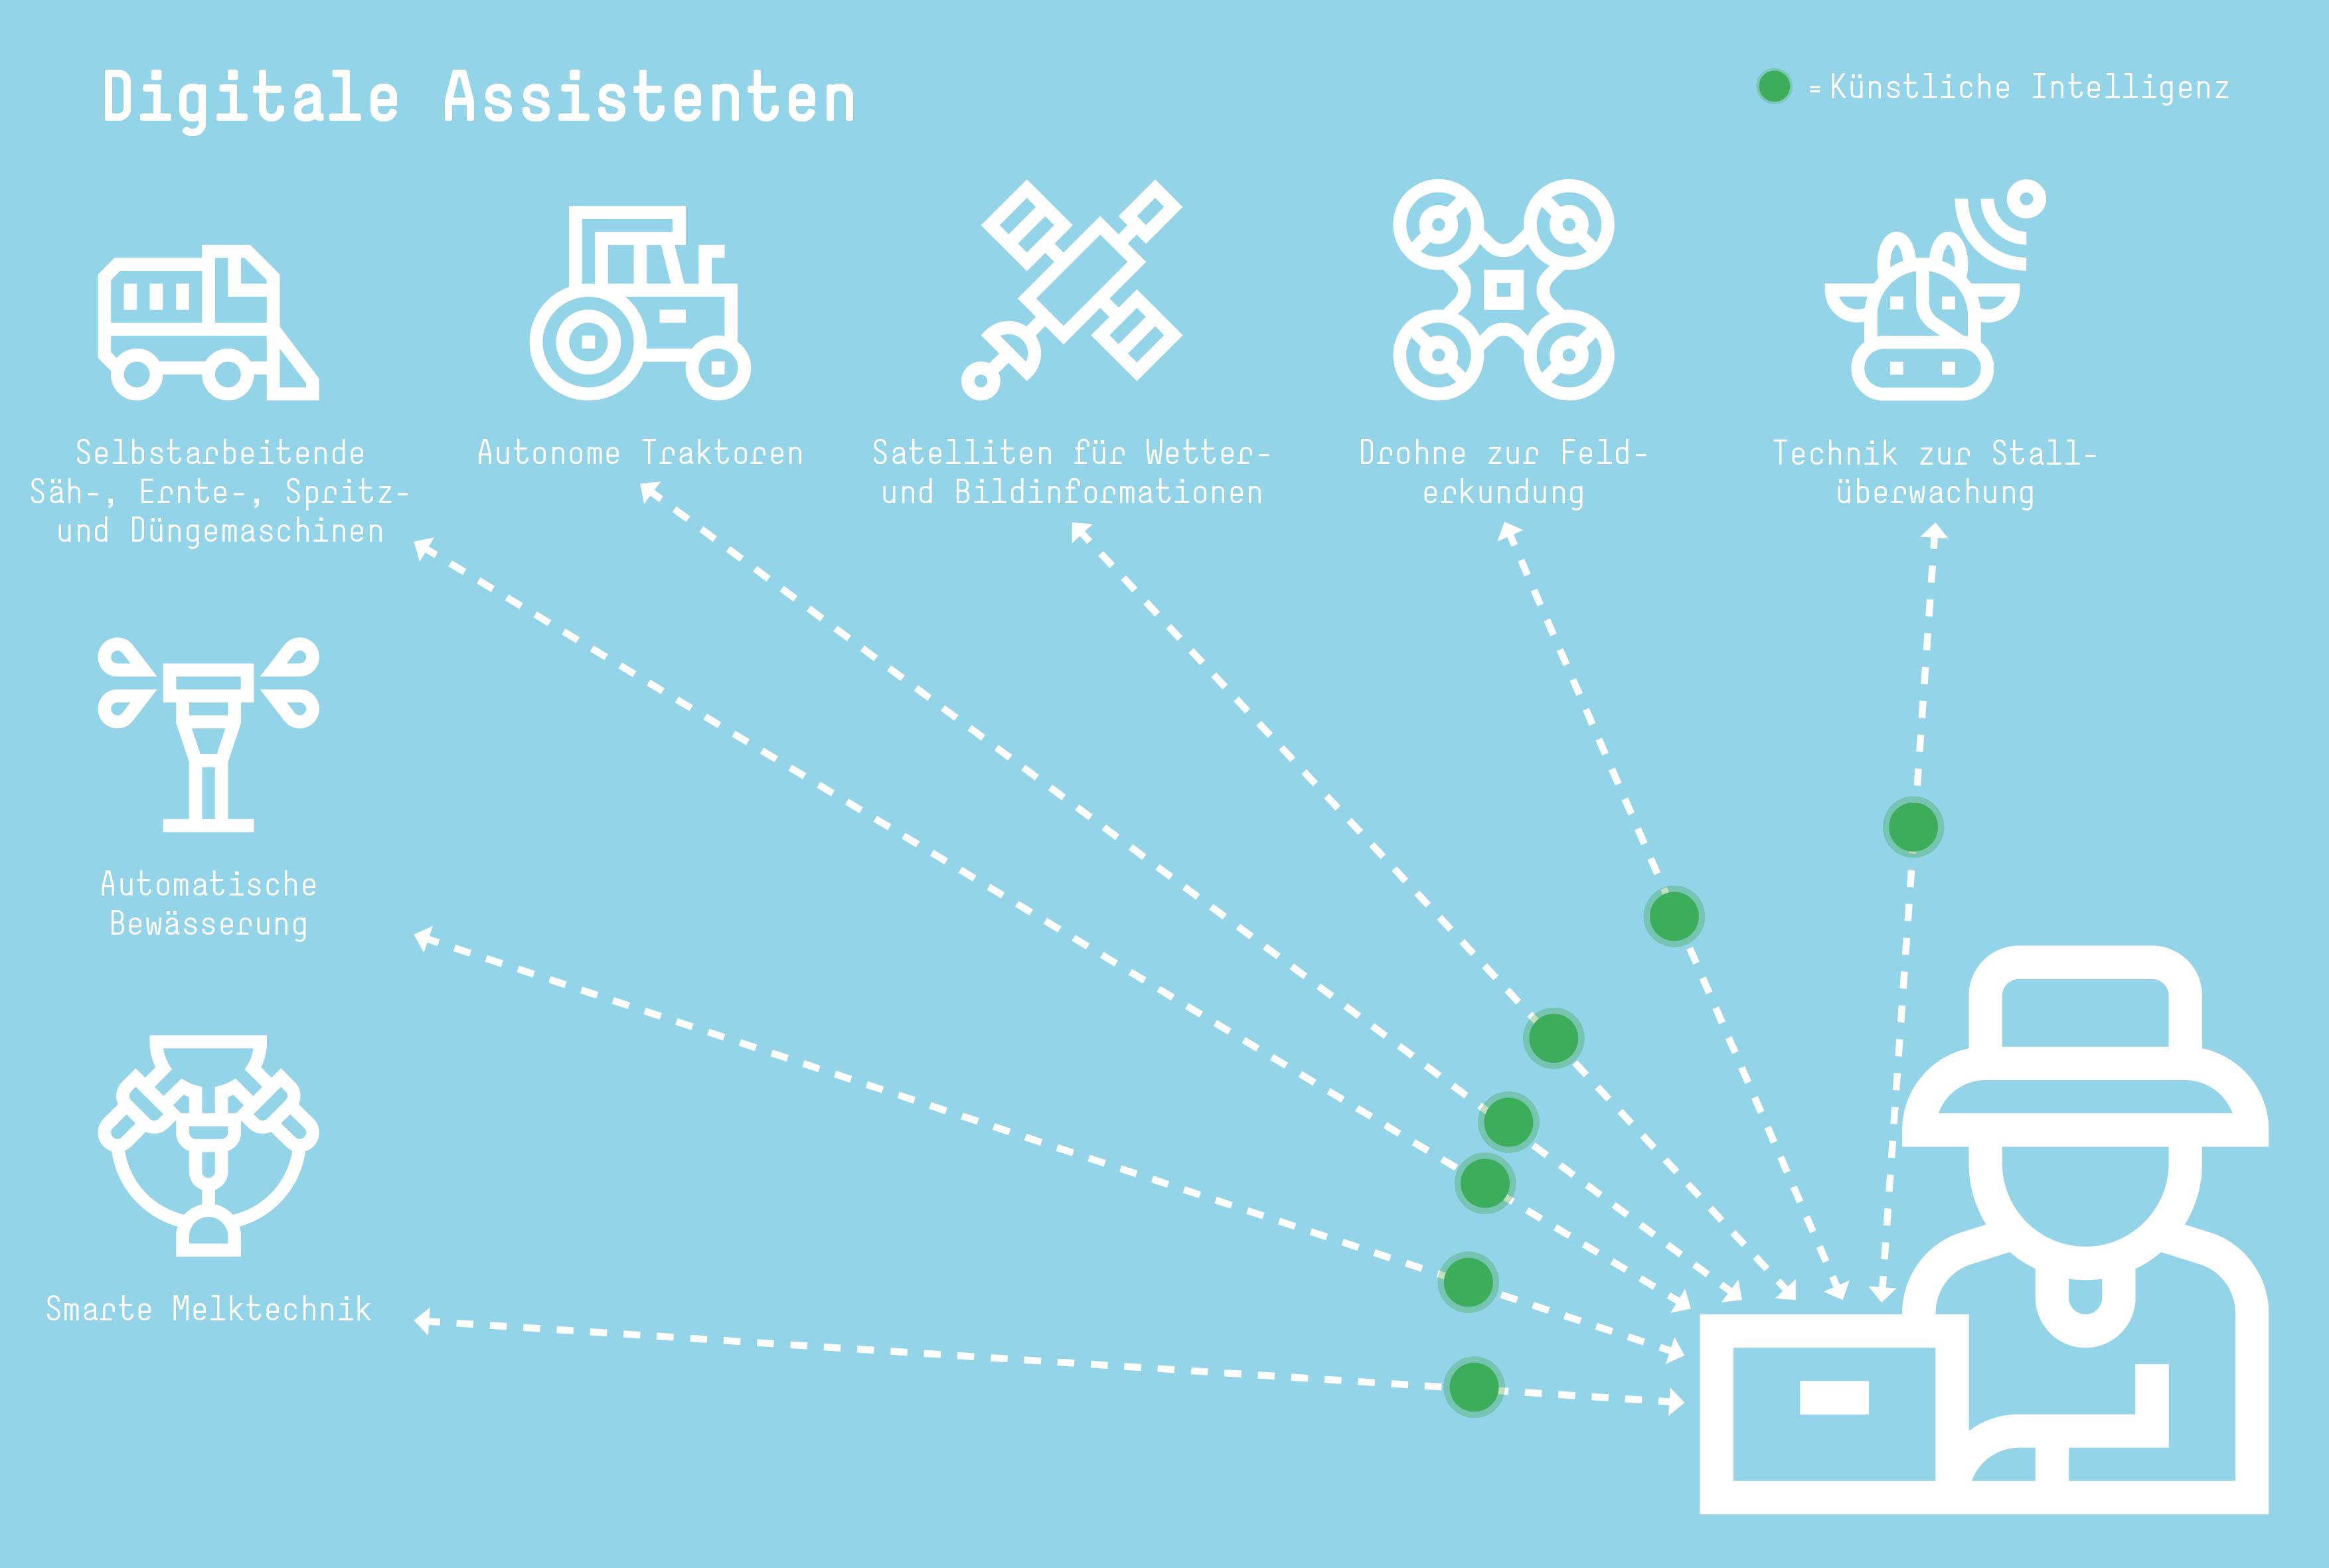 Assistenten und Maschinen, die Informationen an die KI liefern und Befehle ausführen.